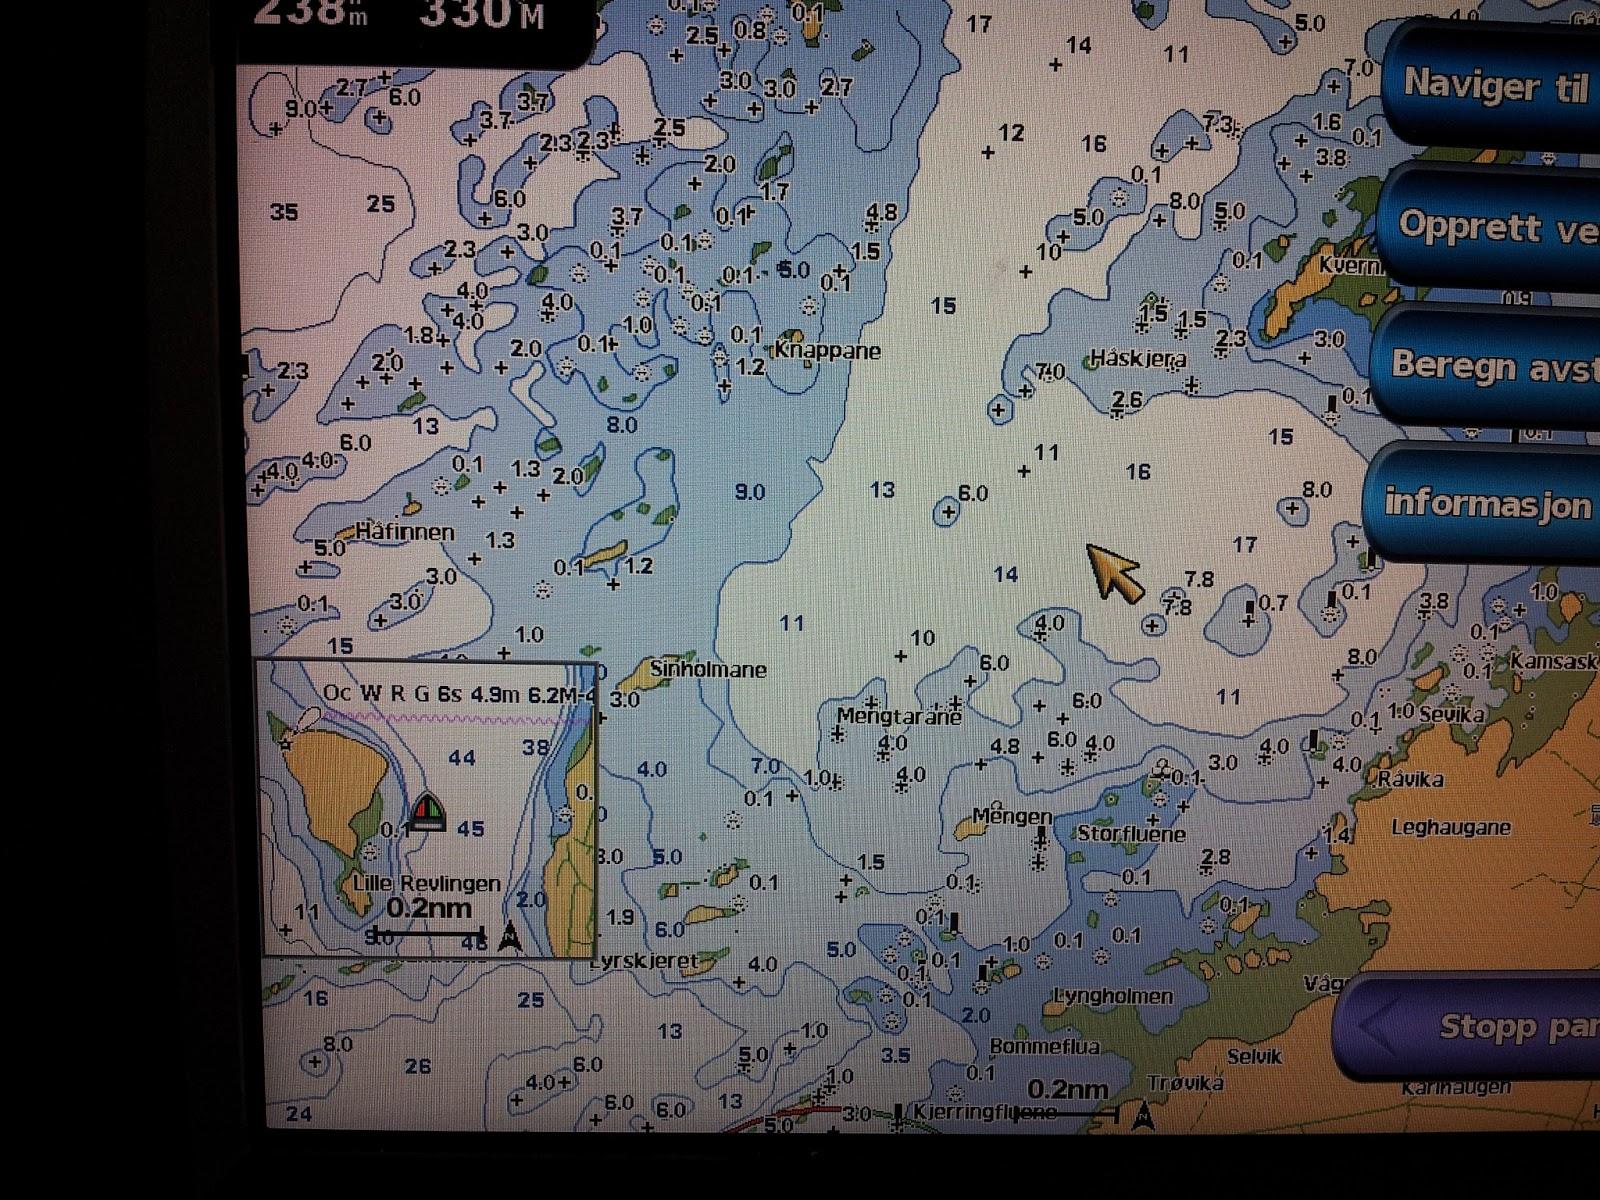 c map kart Terje`s blogg: Sjøkart, C map vs Navionics vs Bluechart c map kart